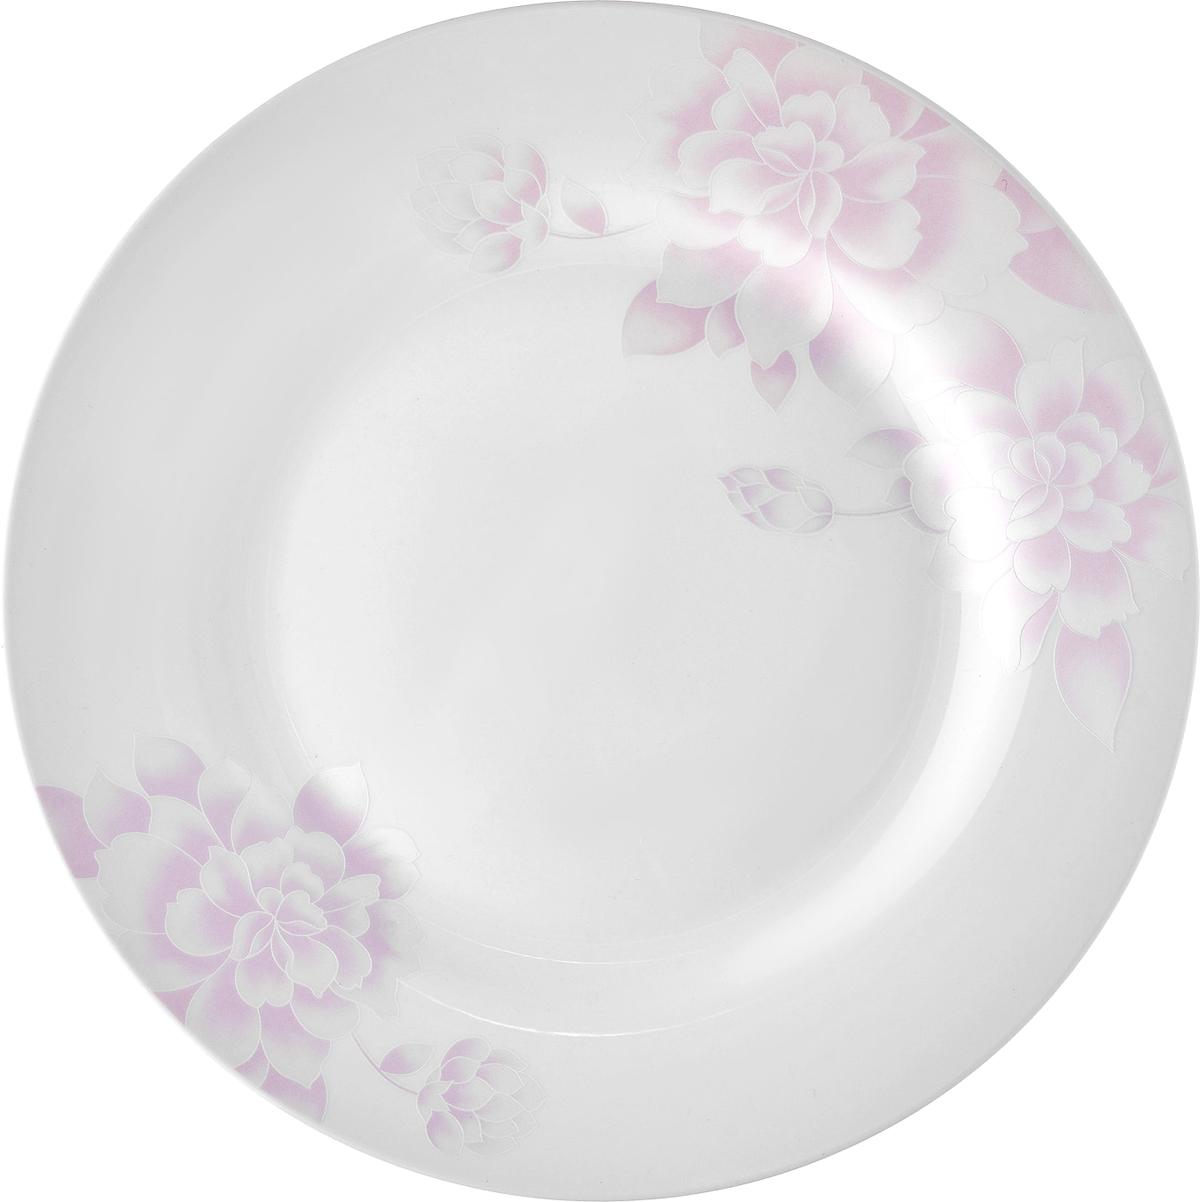 """Набор десертных тарелок Esprado """"Peonies"""", цвет: белый, светло-розовый, диаметр 20 см, 6 шт. PEO020PE301"""